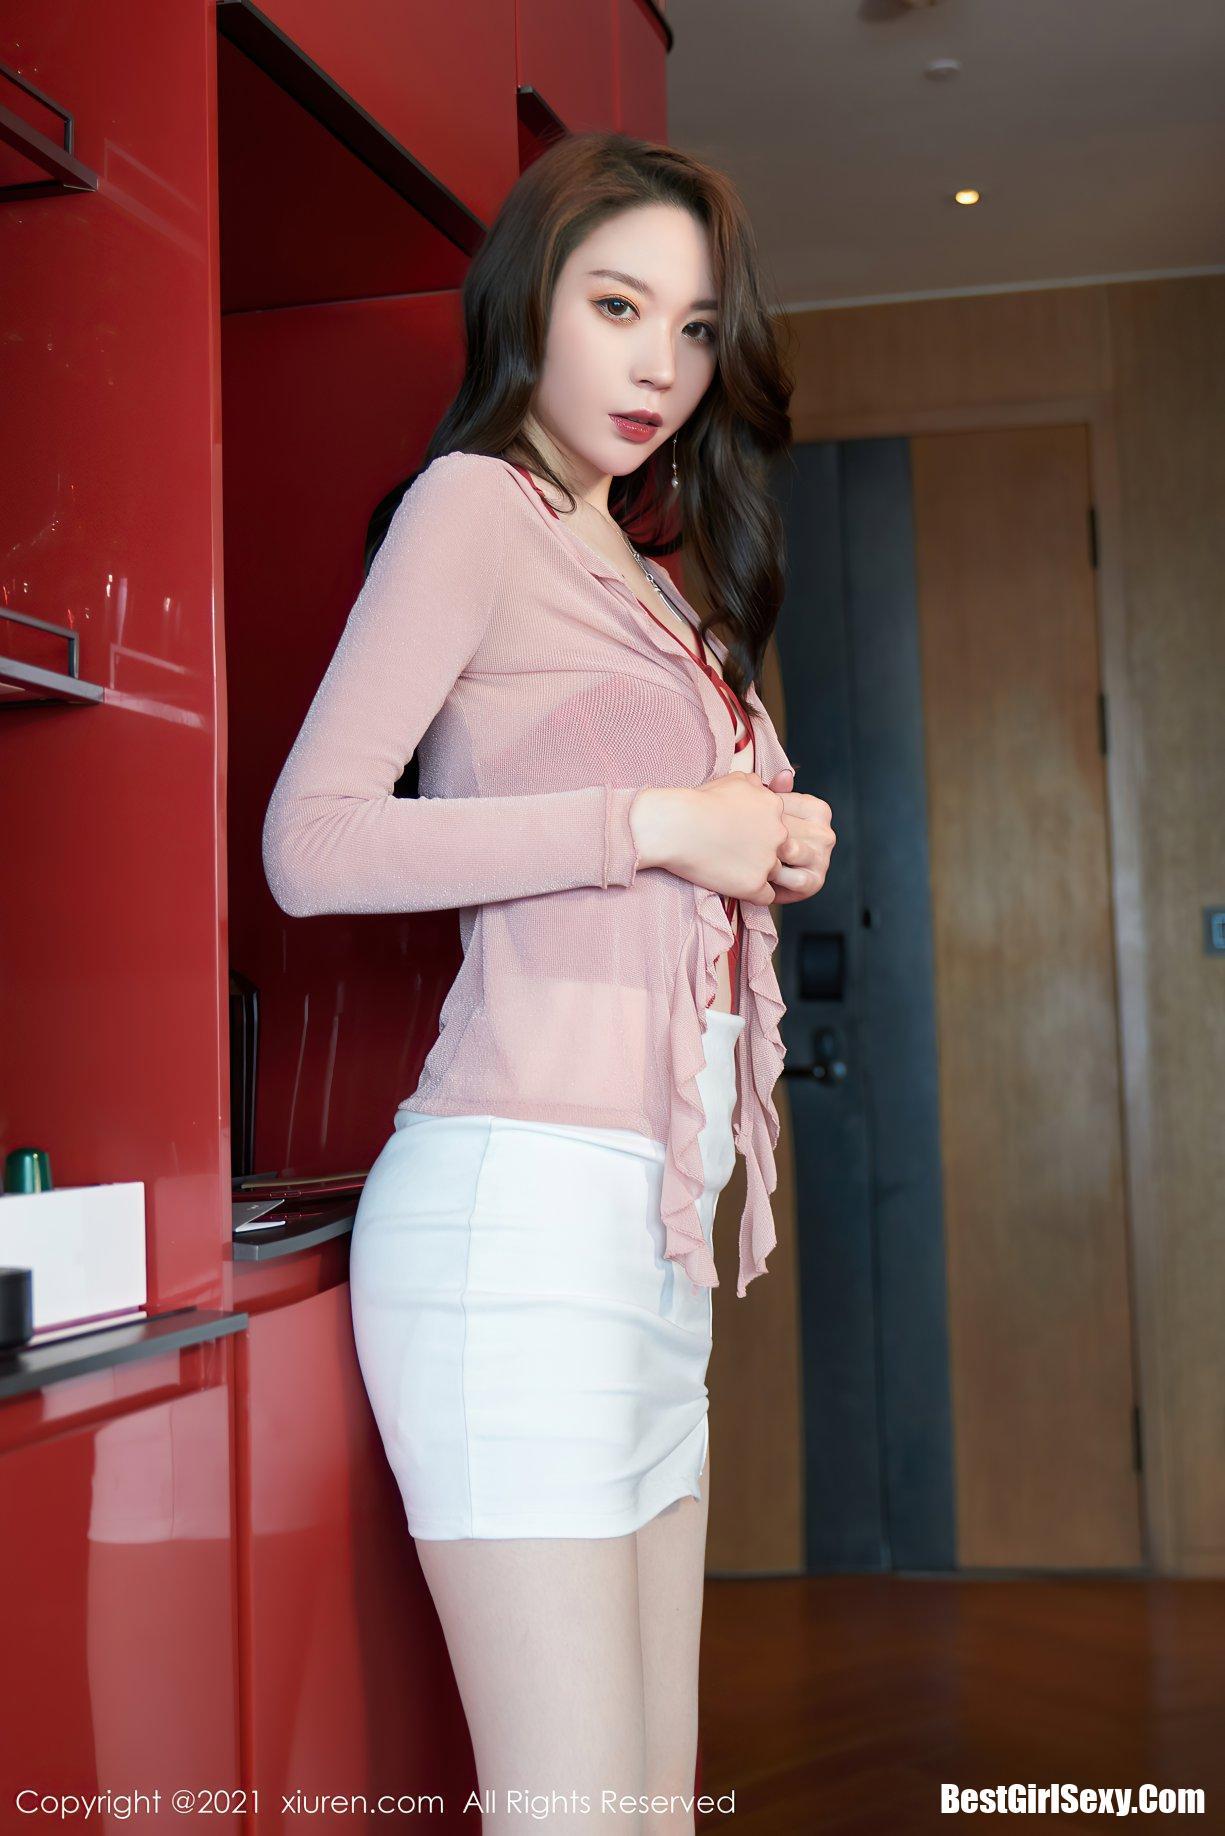 梦心月, XiuRen秀人网 No.3690 Meng Xin Yue, XiuRen秀人网 No.3690, Meng Xin Yue